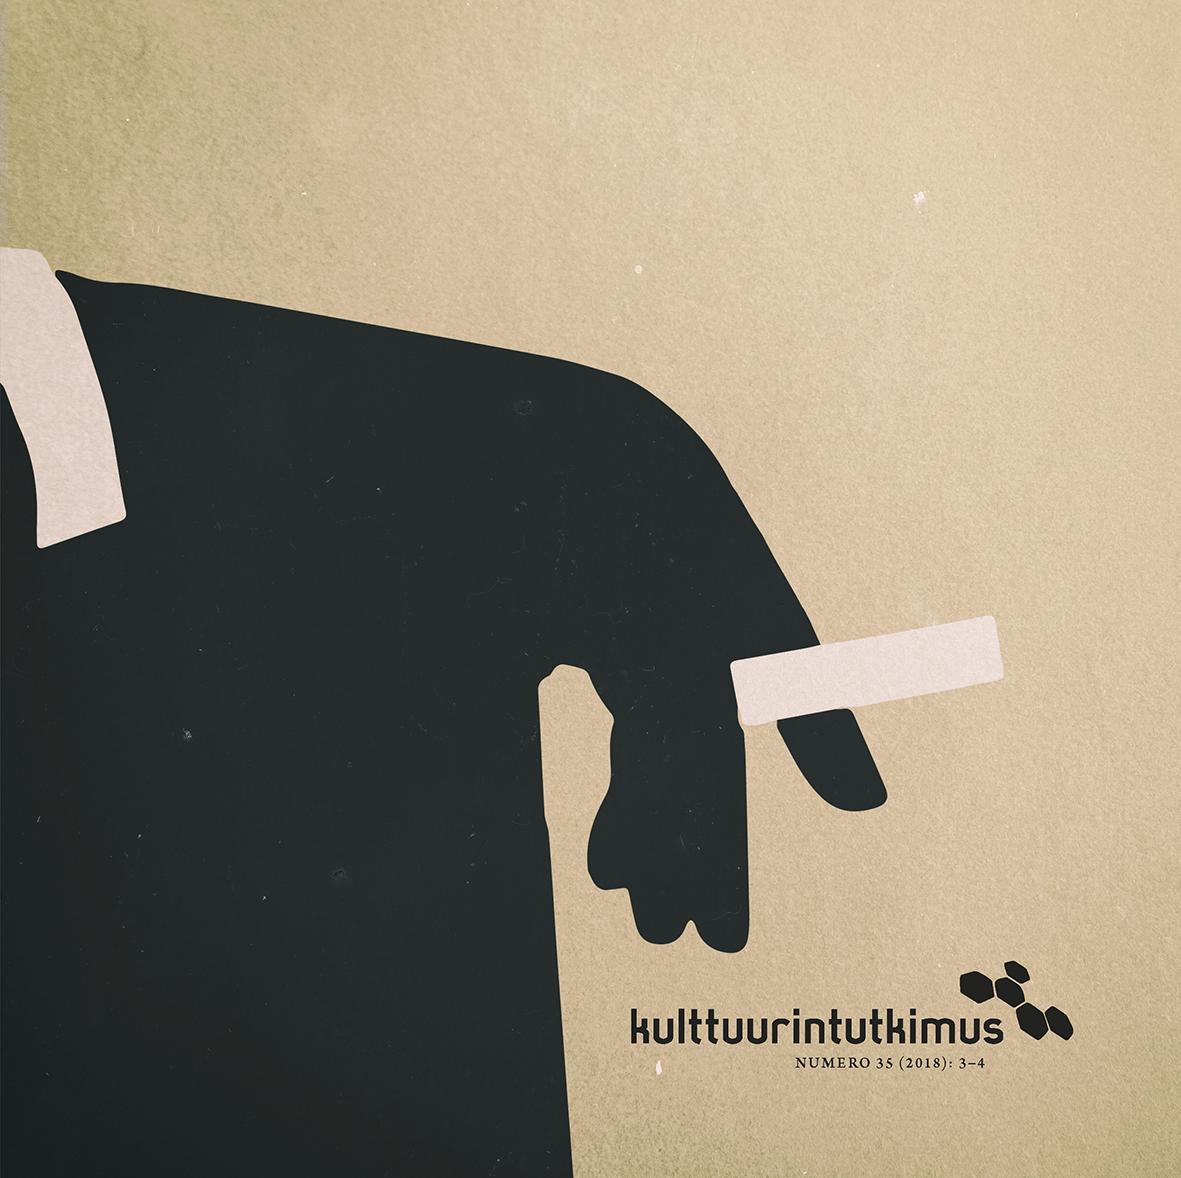 Tyylitelty kuva savuketta pitelevästä pukumiehestä.